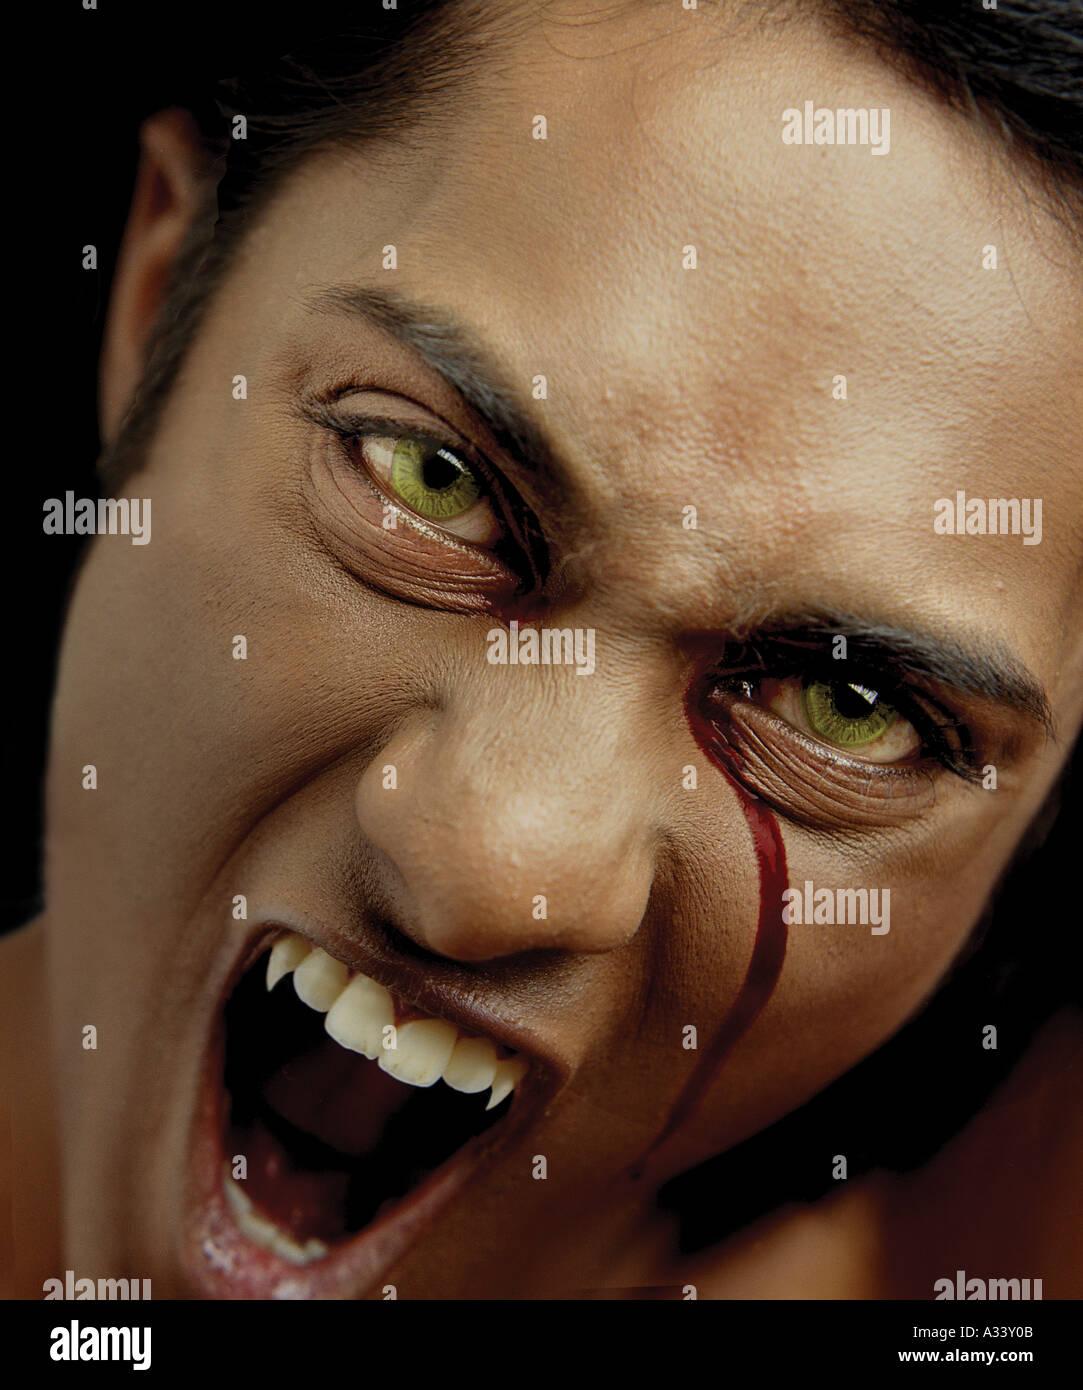 Vampire le saignement d'oeil droit dans le sang Photo Stock